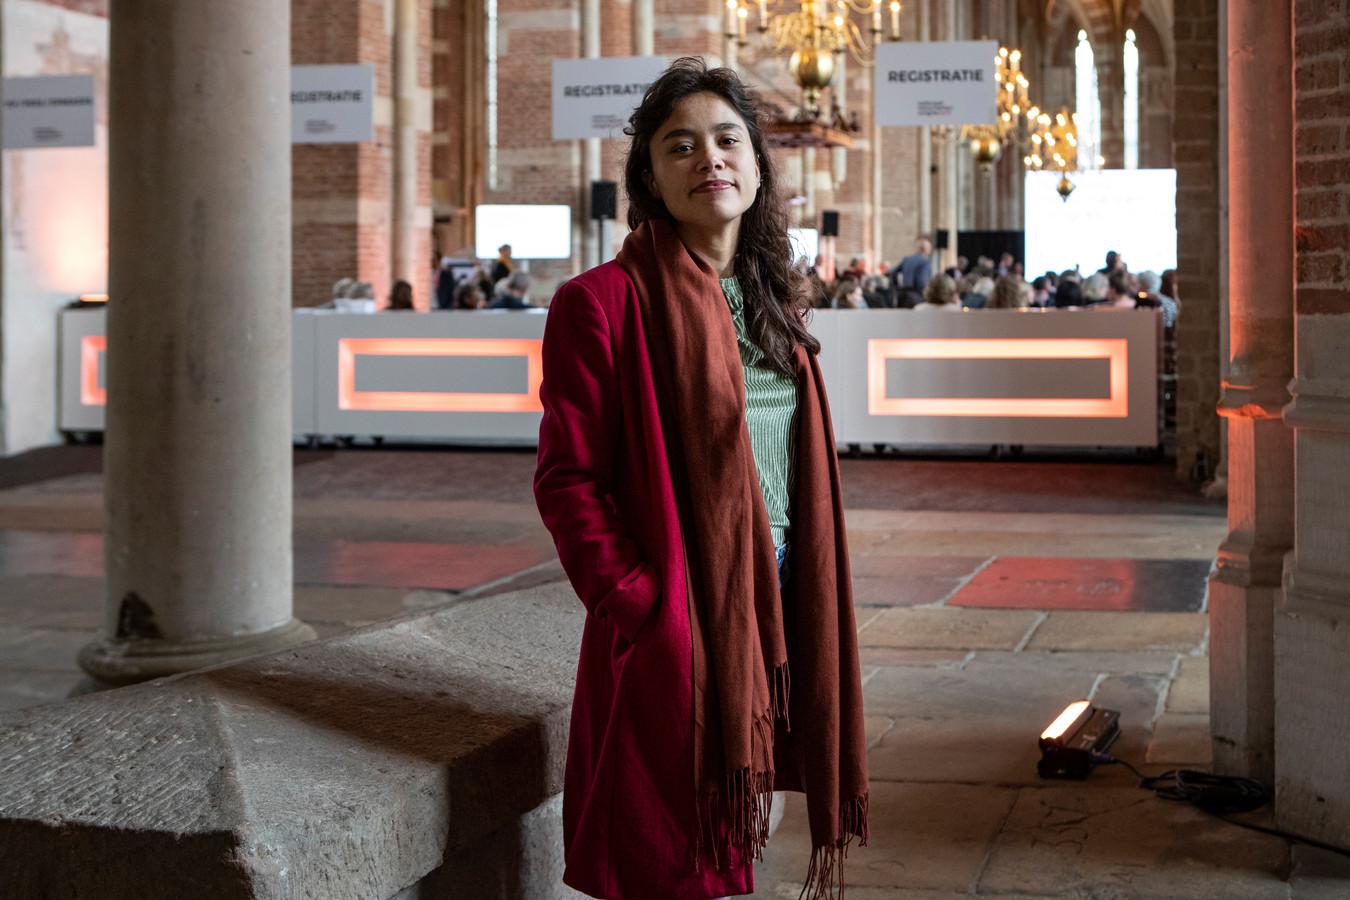 """Sharon Kromotaroeno maakte een documentaire over de Lebuinus, Gods markthal. ,,Een belangrijke vraag is waar de grens ligt."""""""